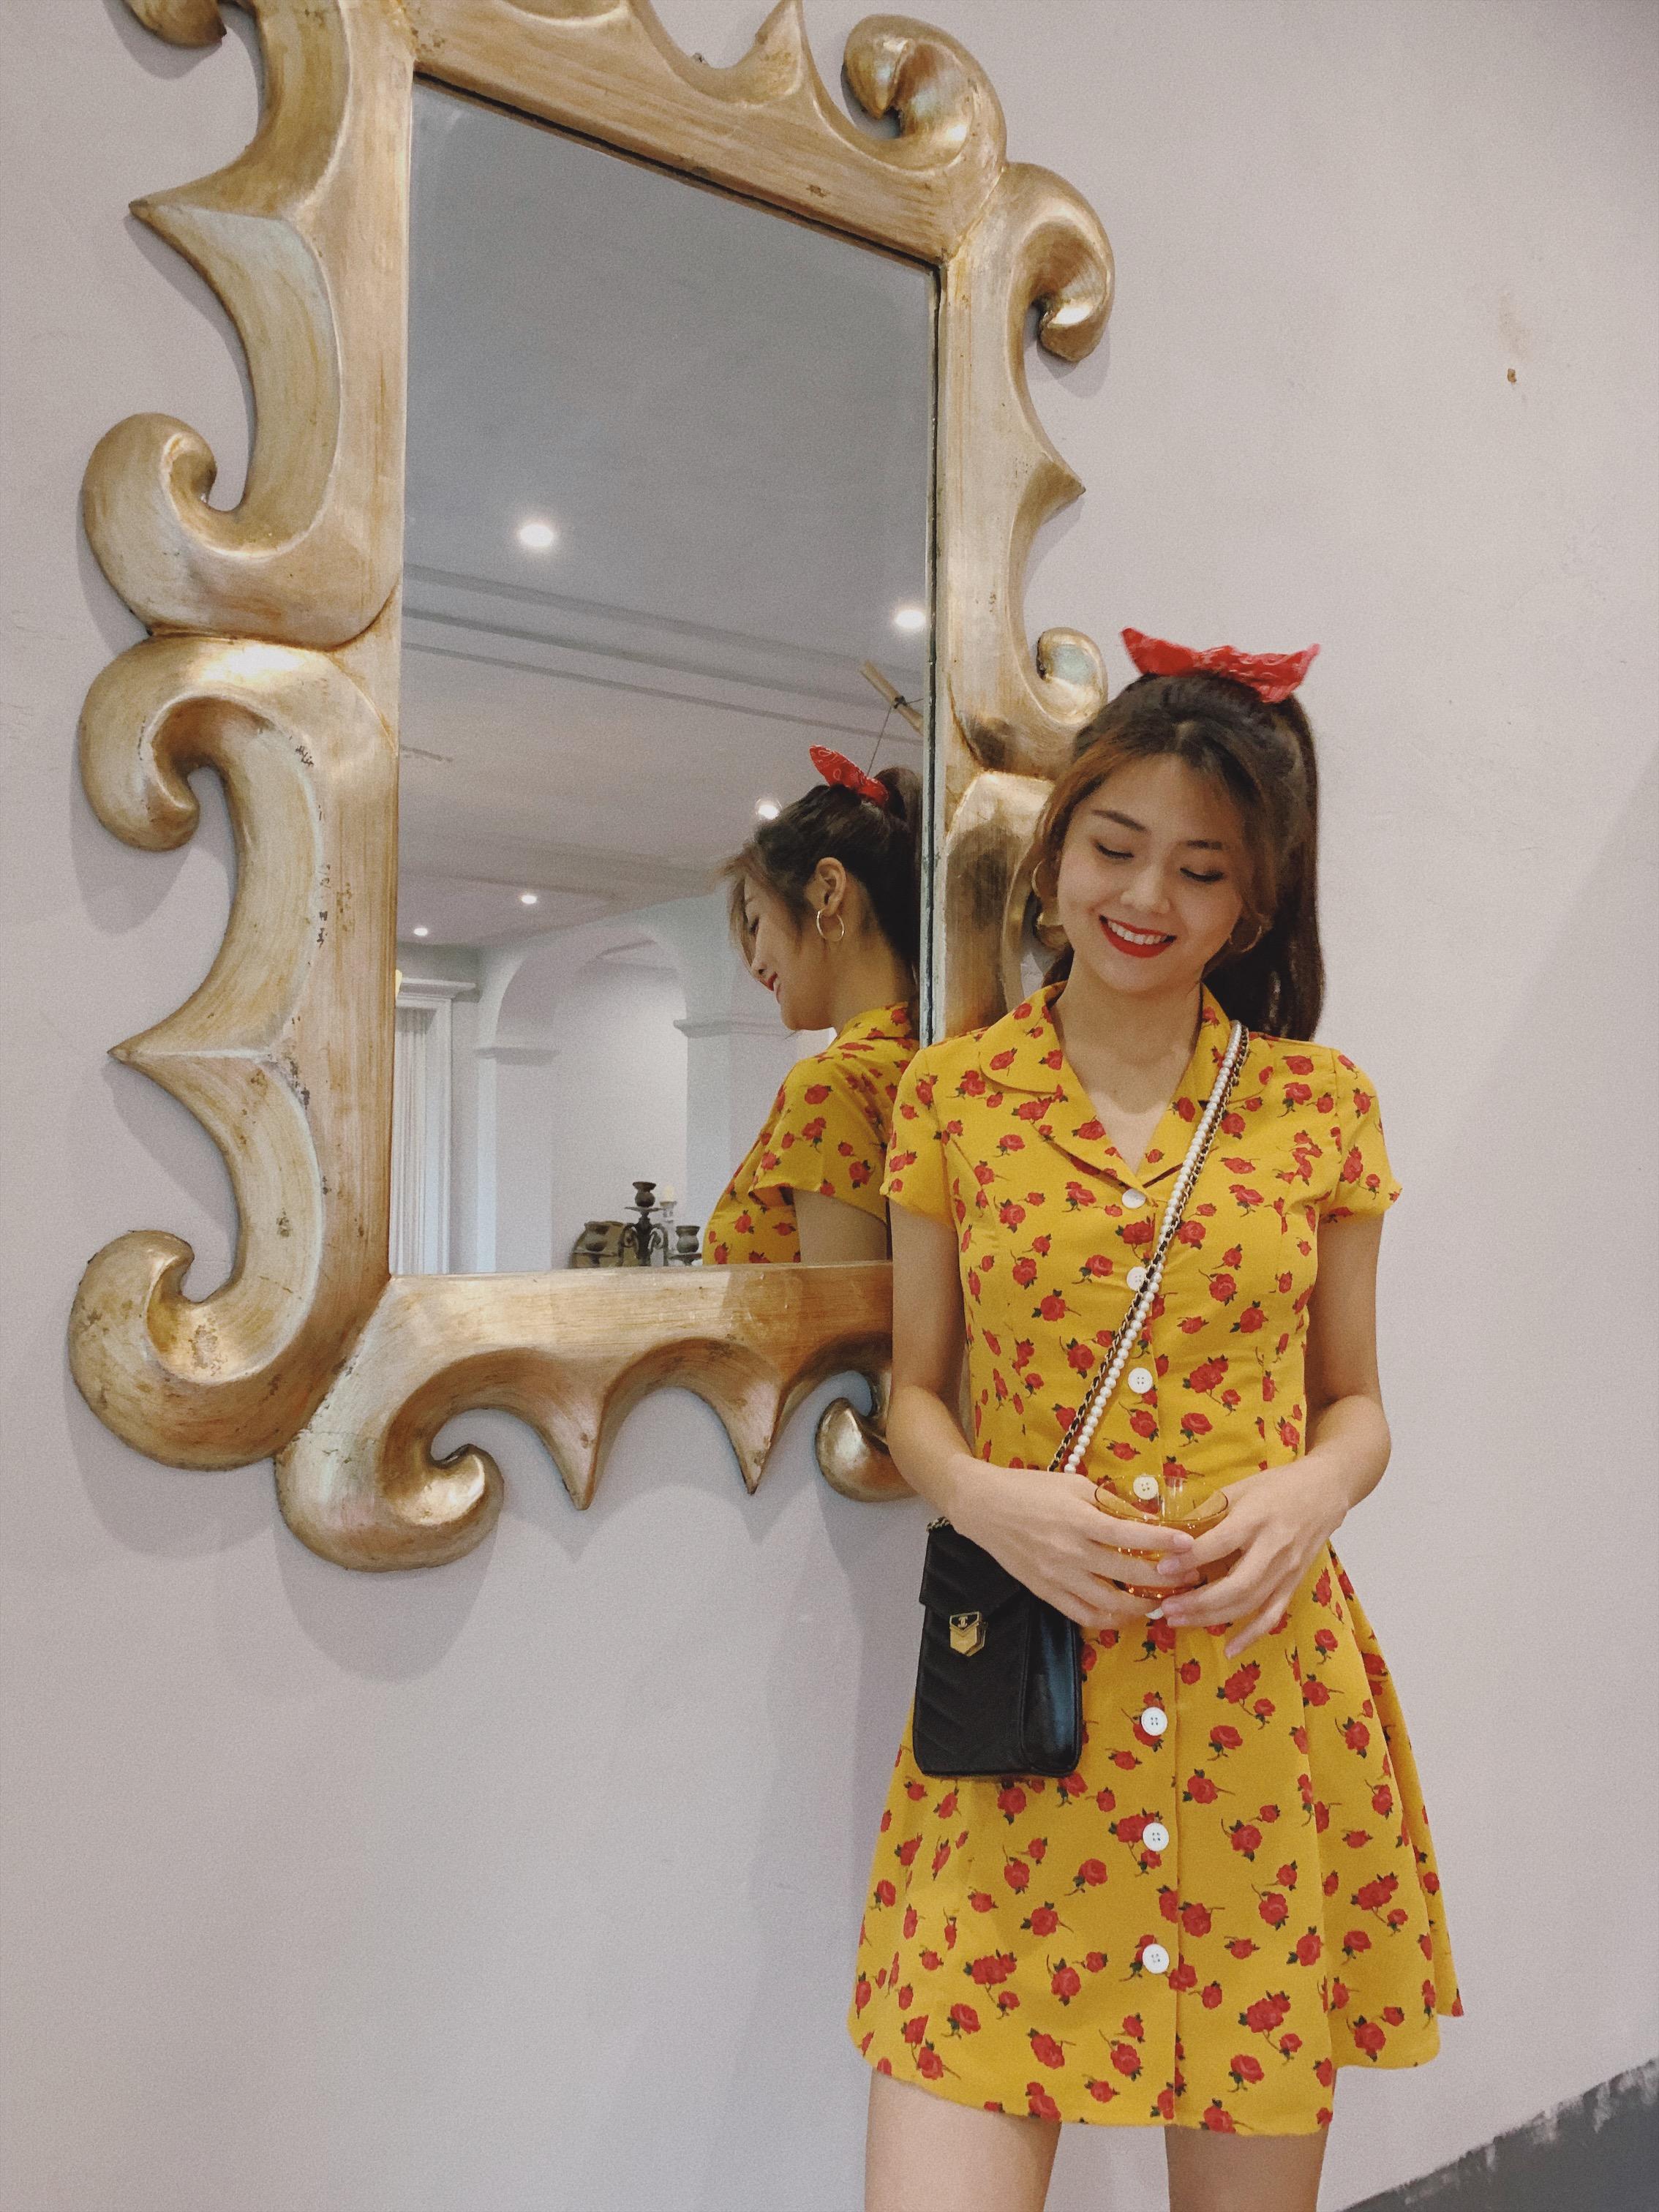 下蛋喵 19夏法国小众复古姜黄色印花70年代显瘦高腰西装领连衣裙